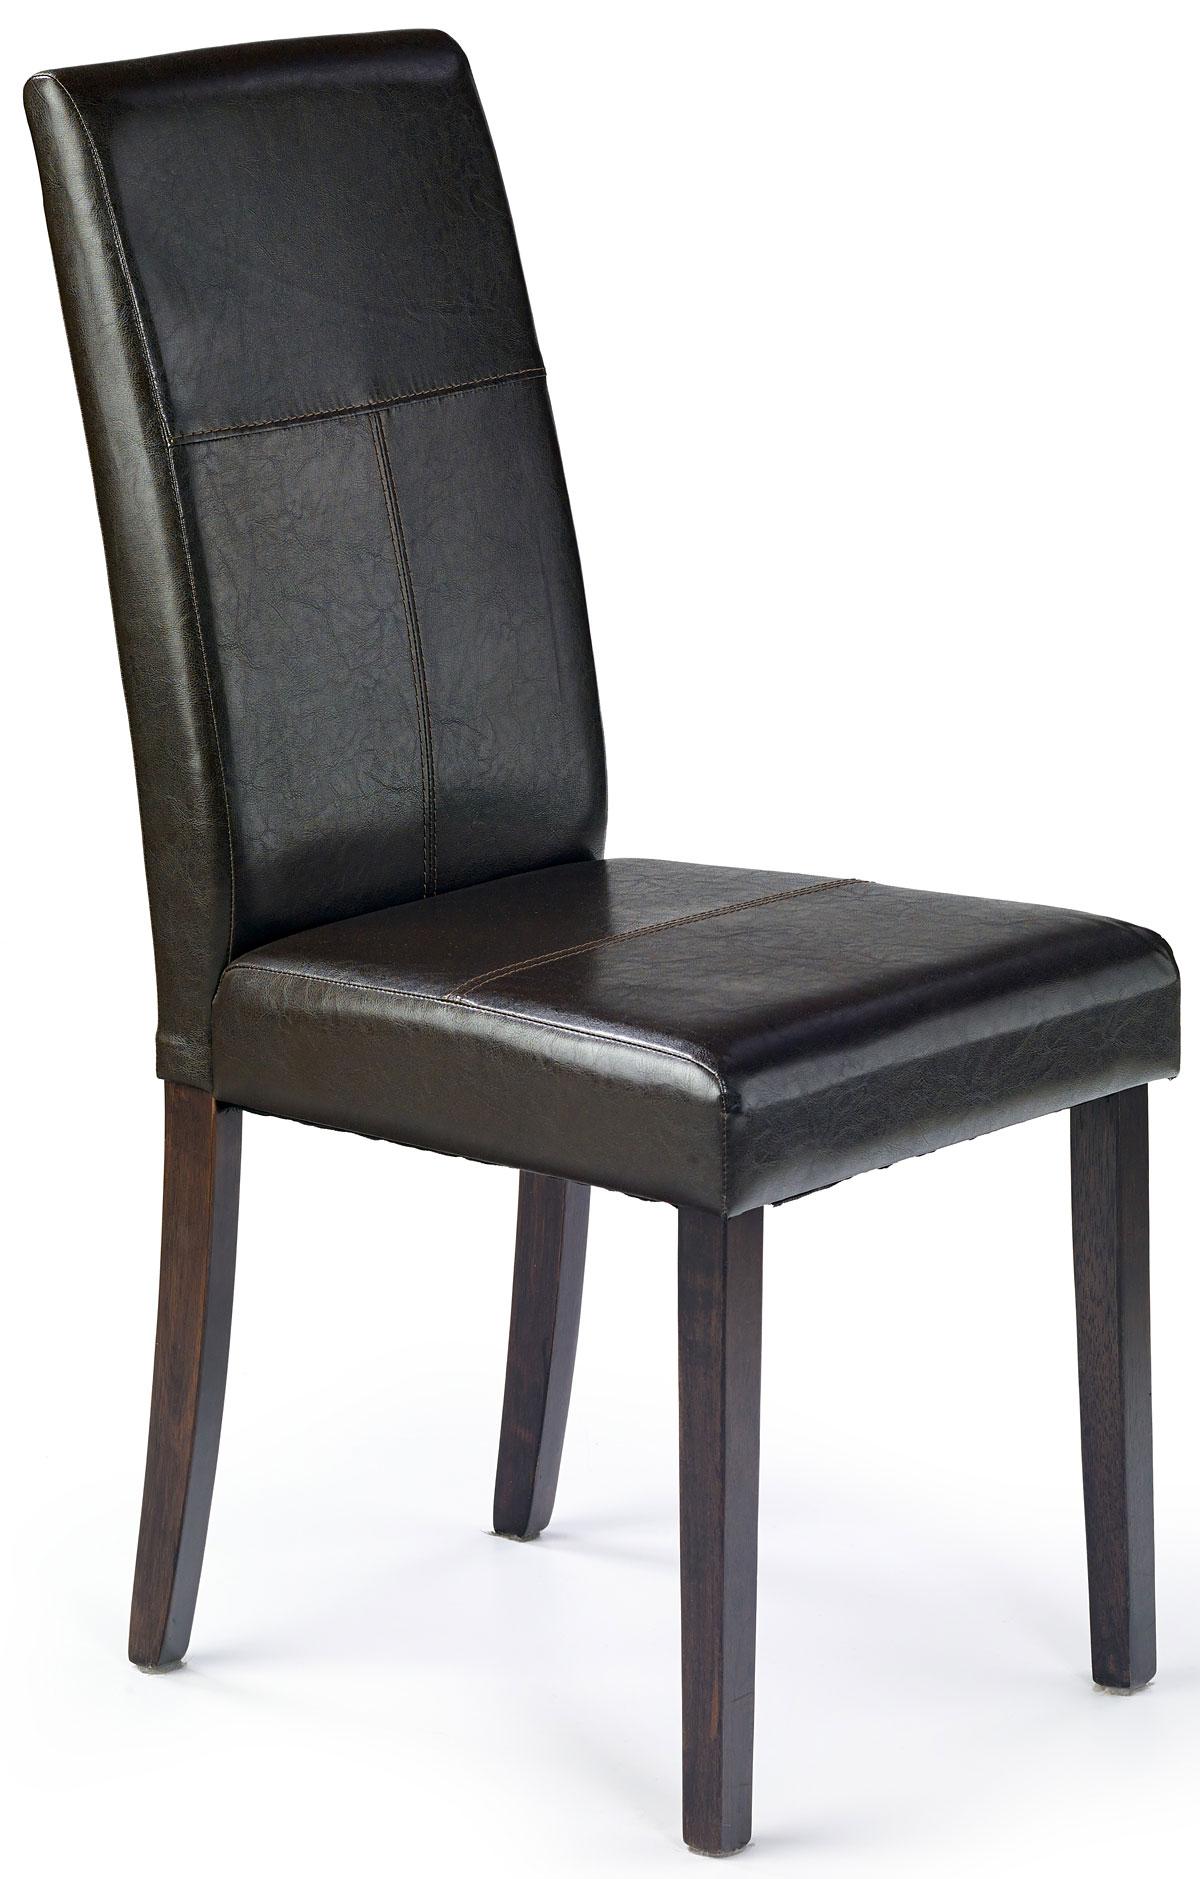 A może krzesło w kolorze wenge ?